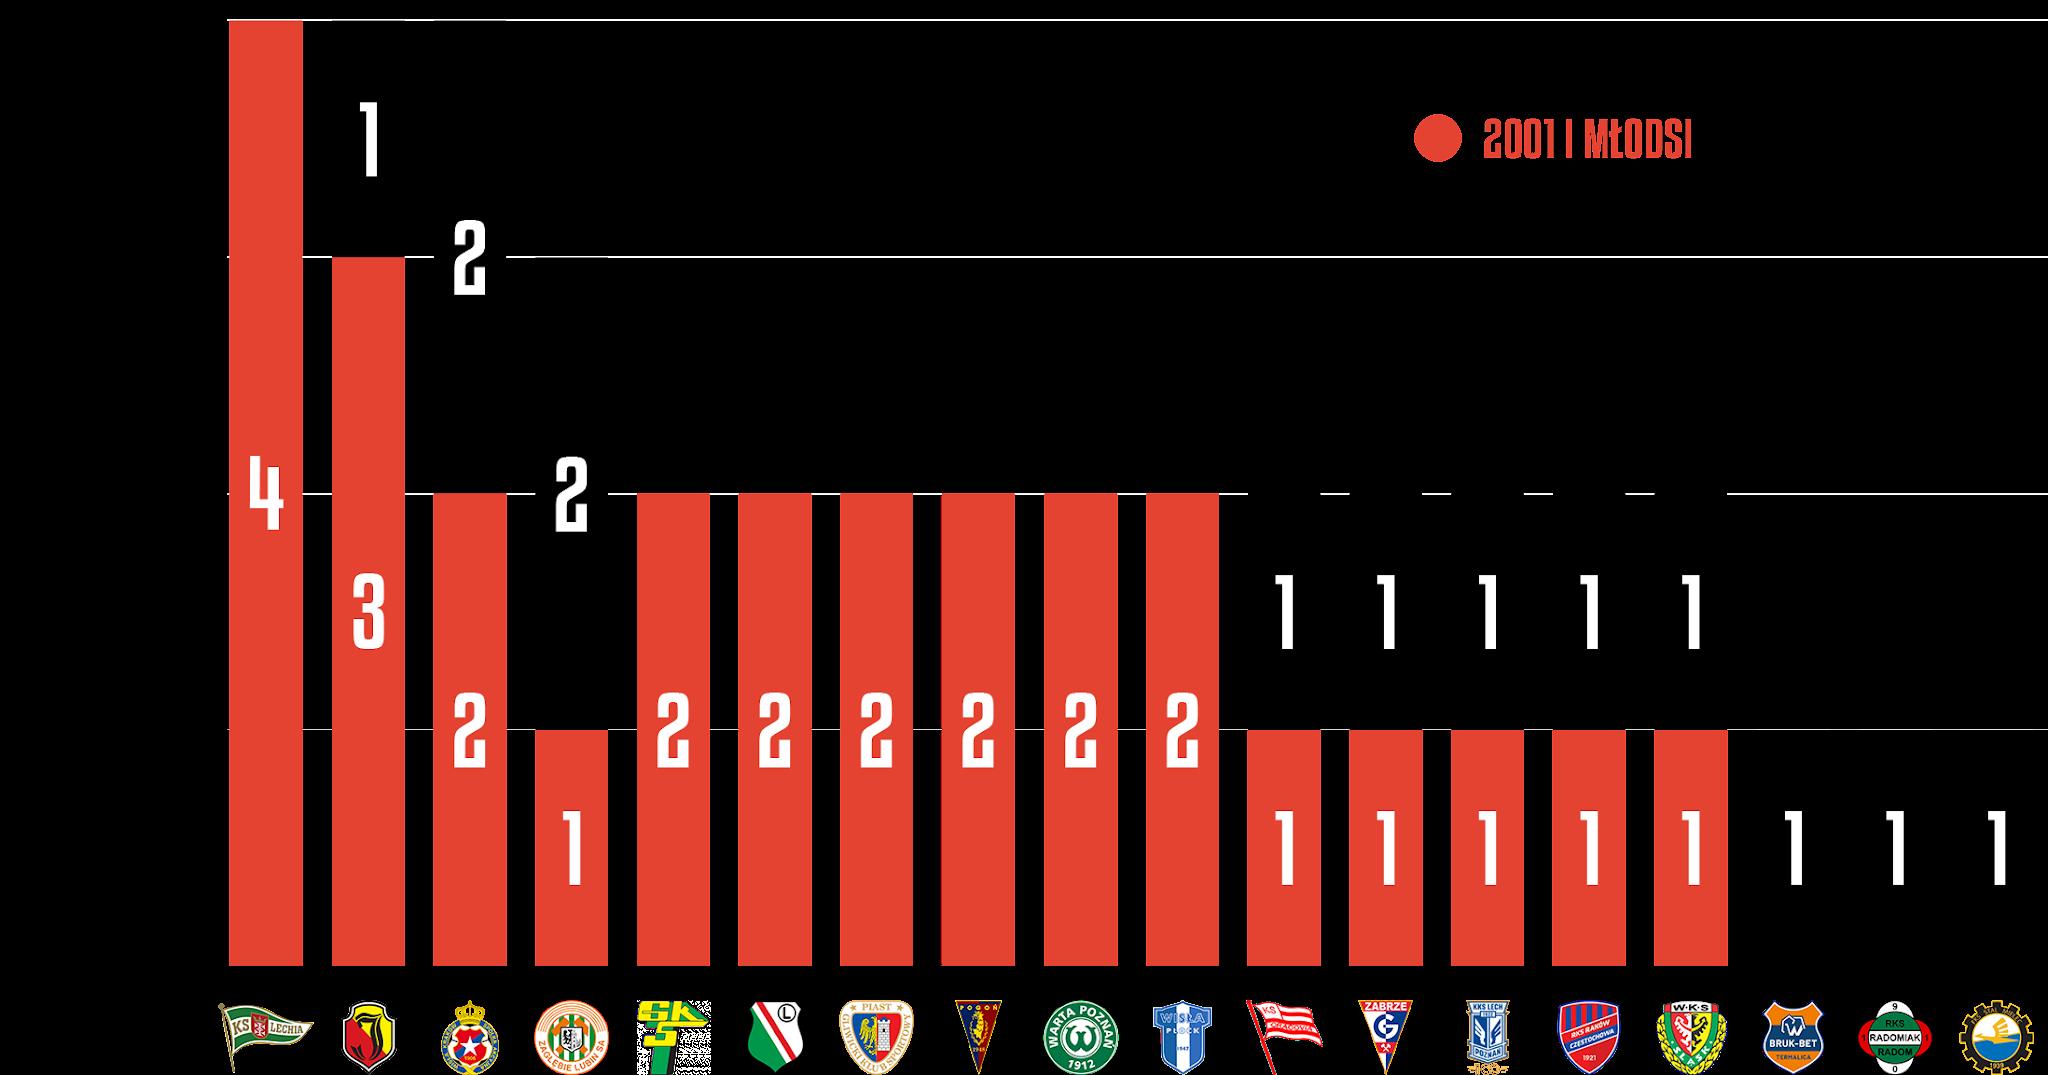 Młodzieżowcy w poszczególnych klubach podczas 7. kolejki PKO Ekstraklasy<br><br>Źródło: Opracowanie własne na podstawie ekstrastats.pl<br><br>graf. Bartosz Urban